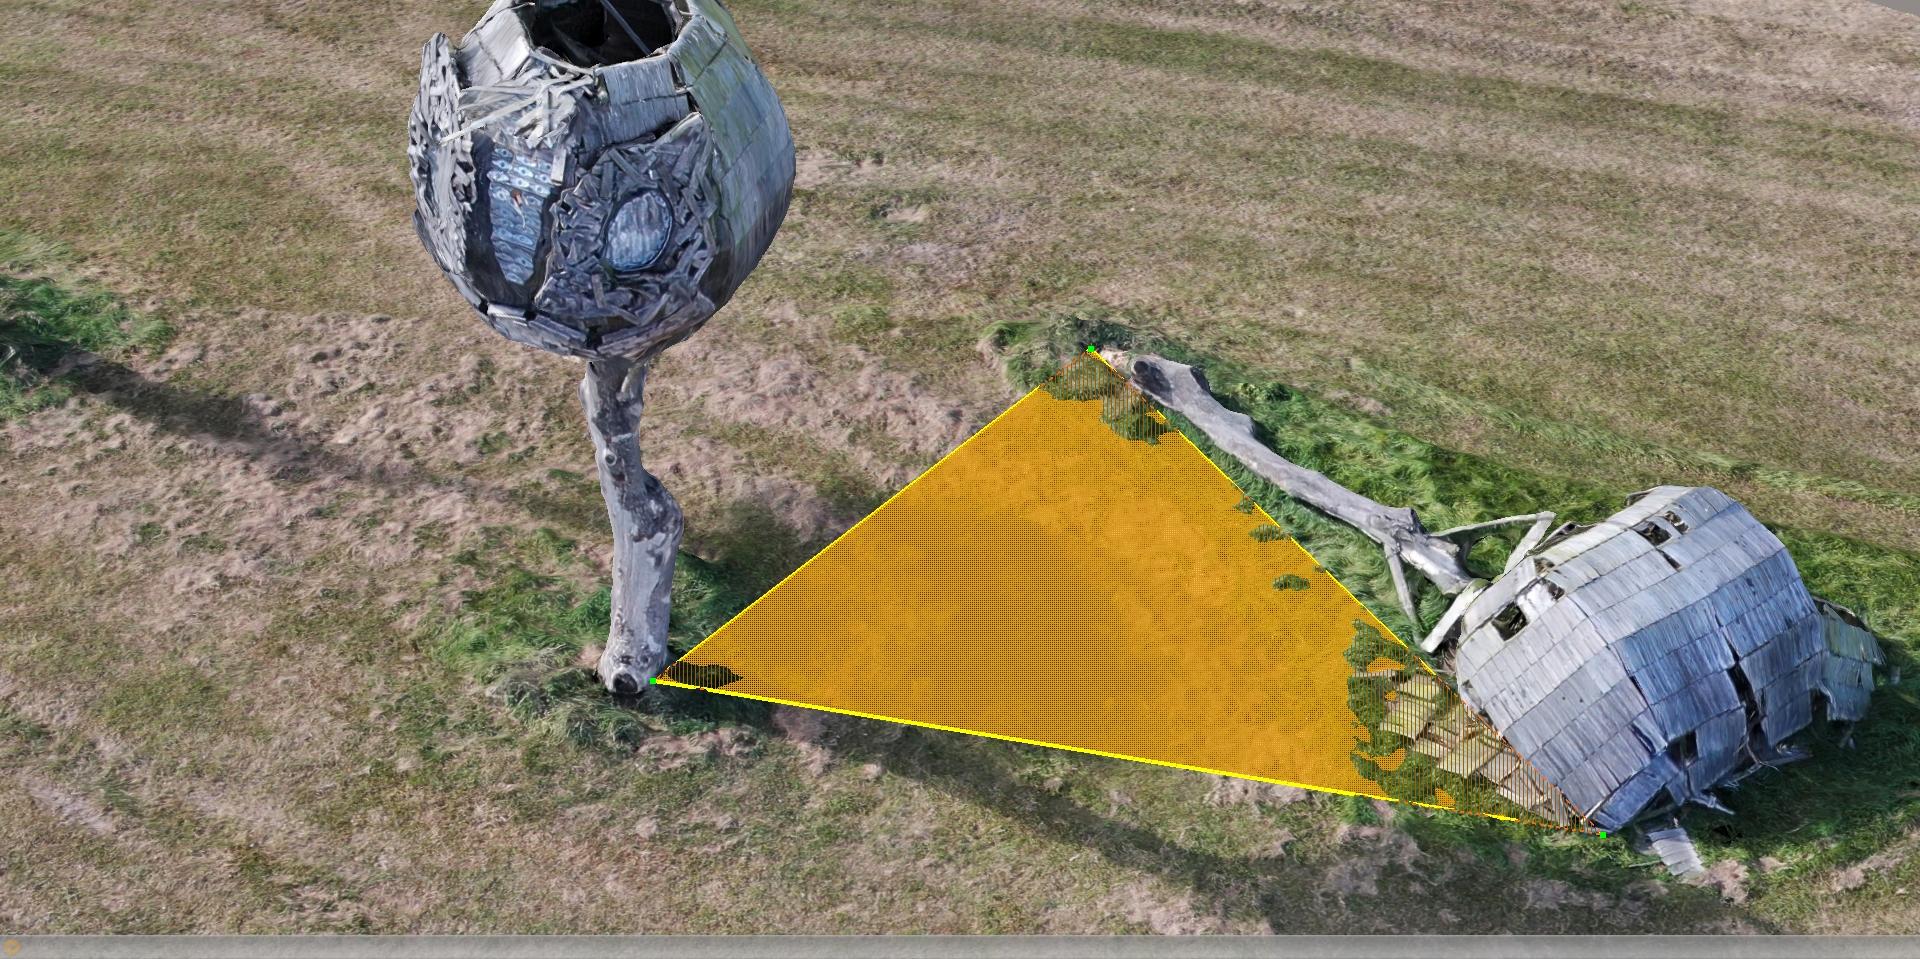 Oppervlaktemeting dmv 3d mapping